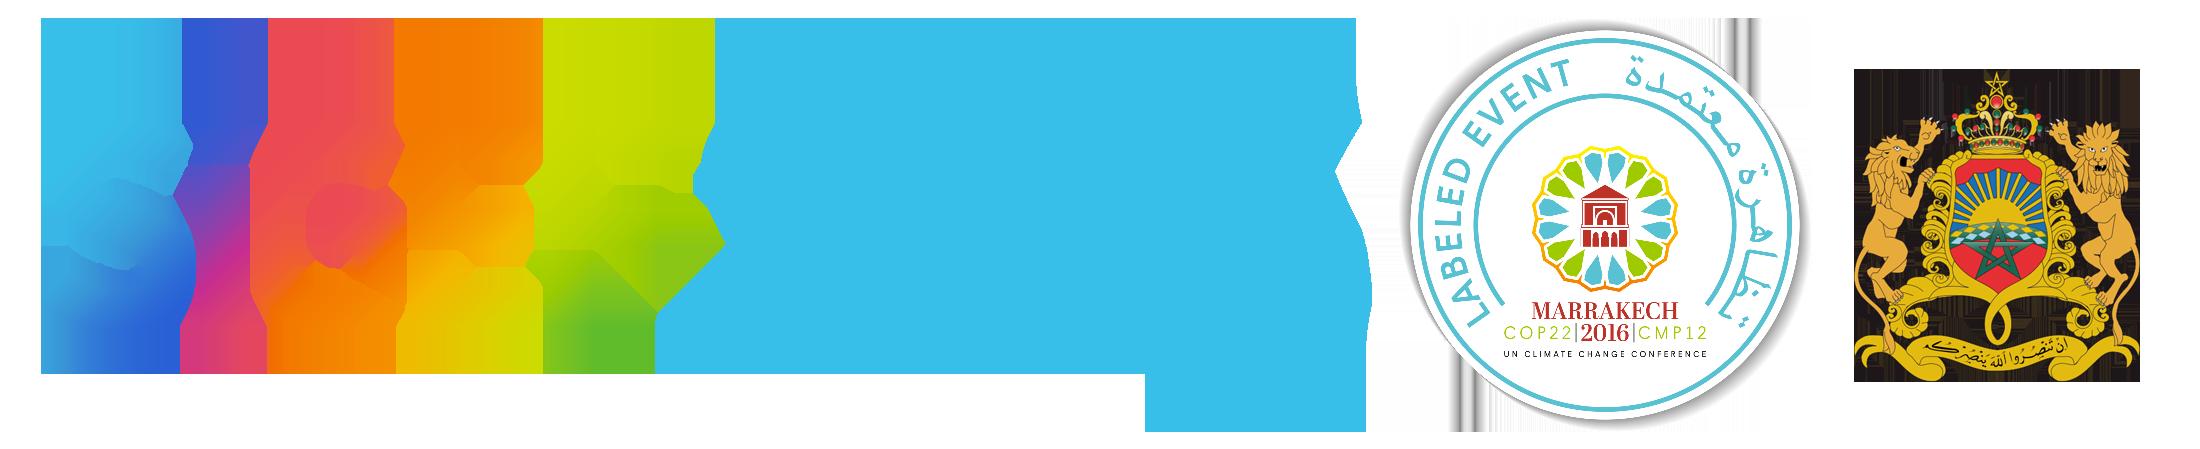 Sigef 2016